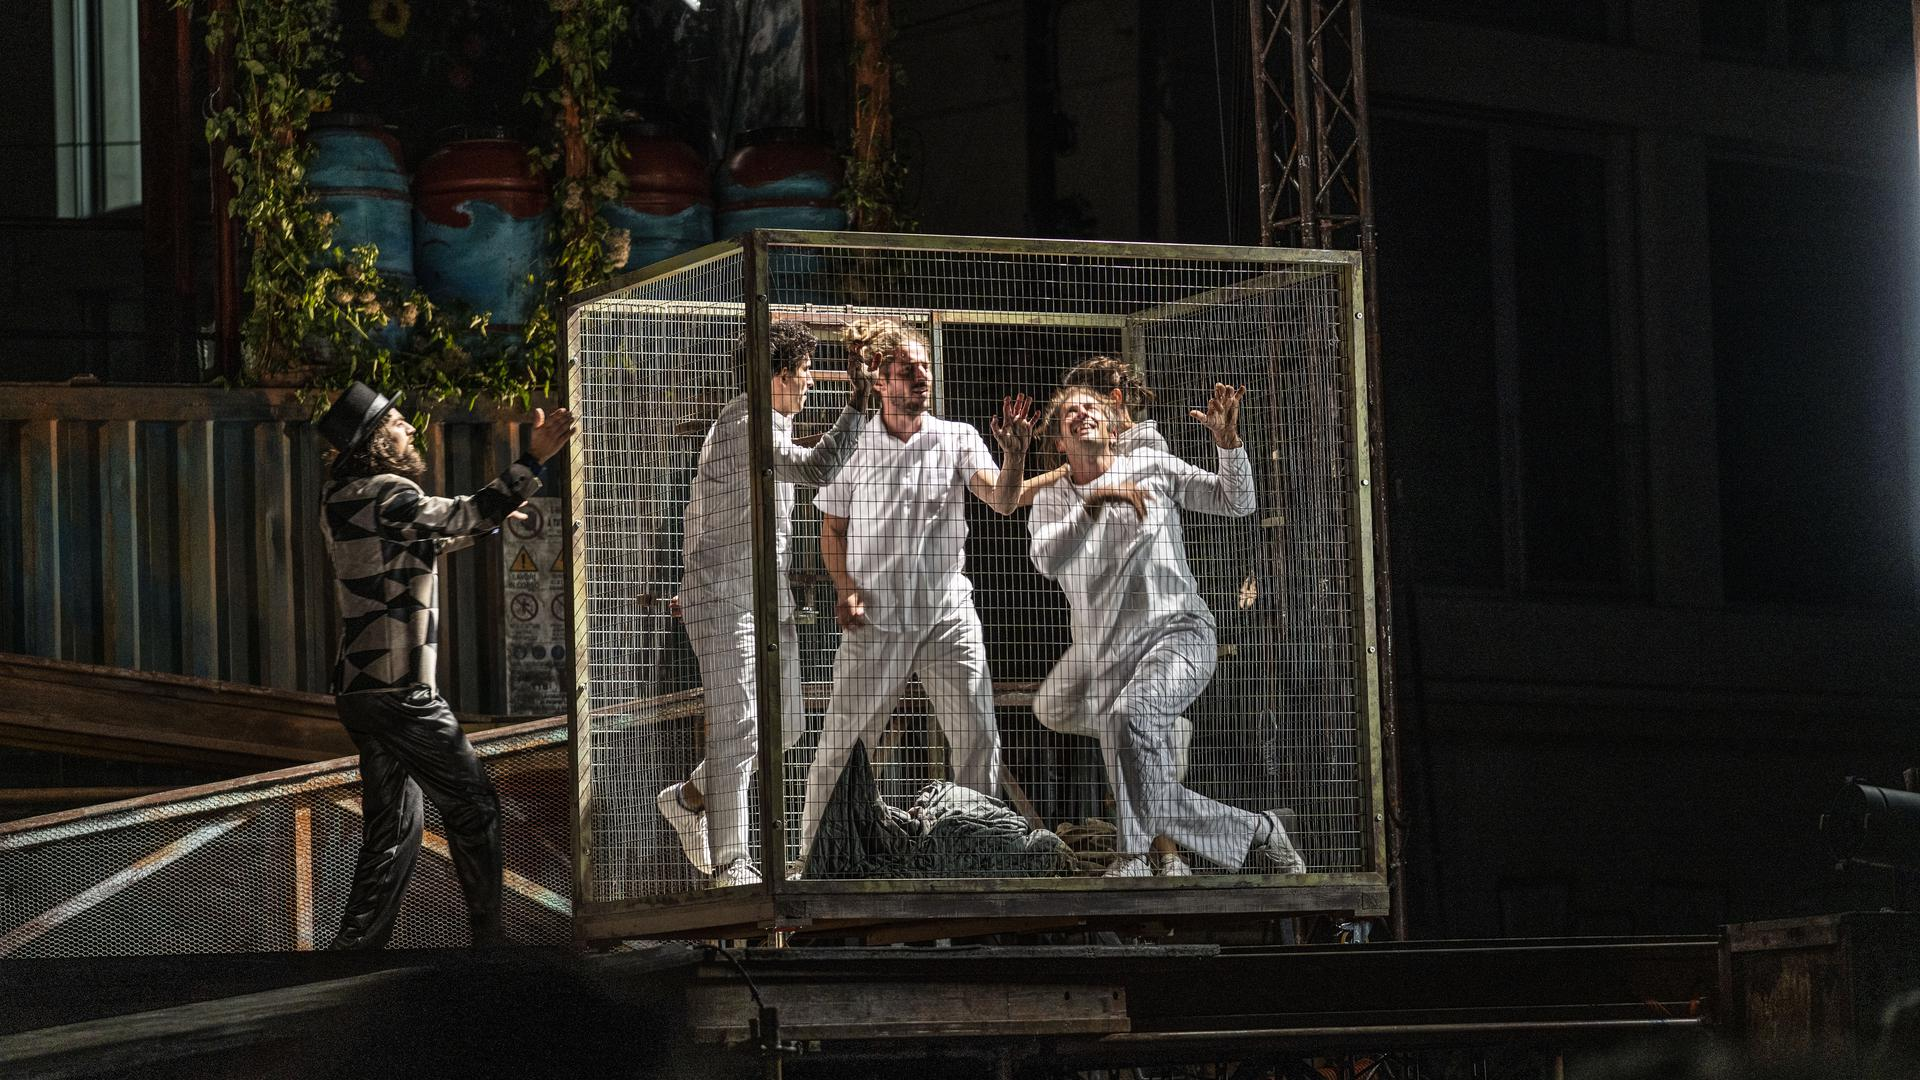 Menschen stehen in einem Käfig